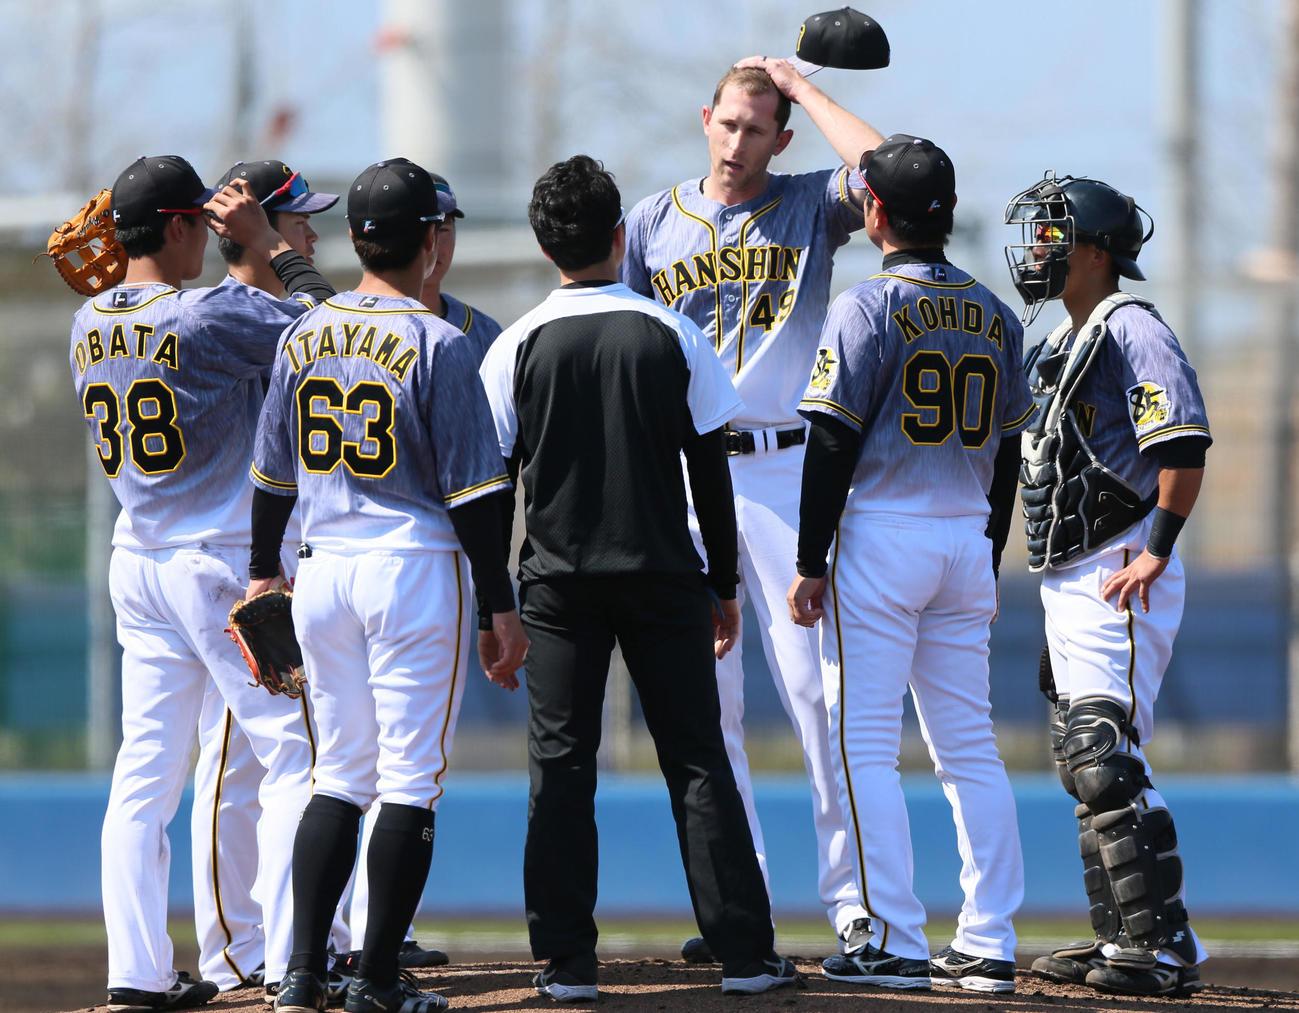 2軍練習試合オリックス対阪神 初回5点を奪われマウンドで険しい表情のガンケル(撮影・上山淳一)